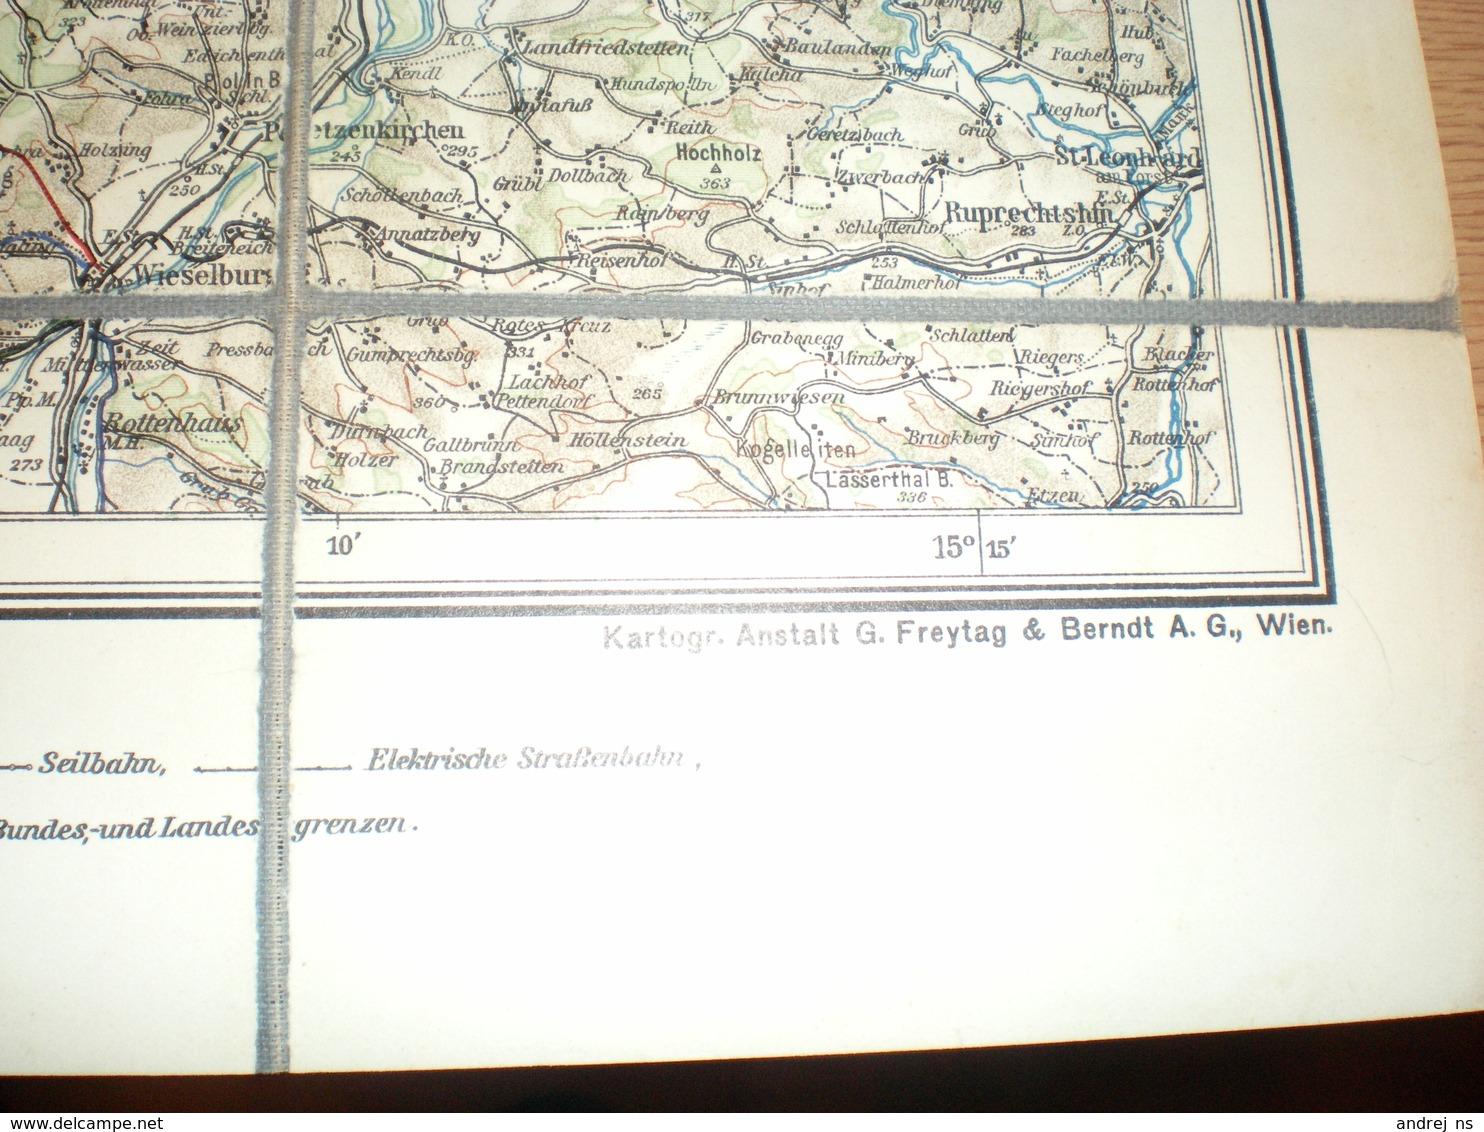 Valdviertel Mit Dem Donautale G Freytag Berndt S Touristen Wanderkarte - Cartes Géographiques